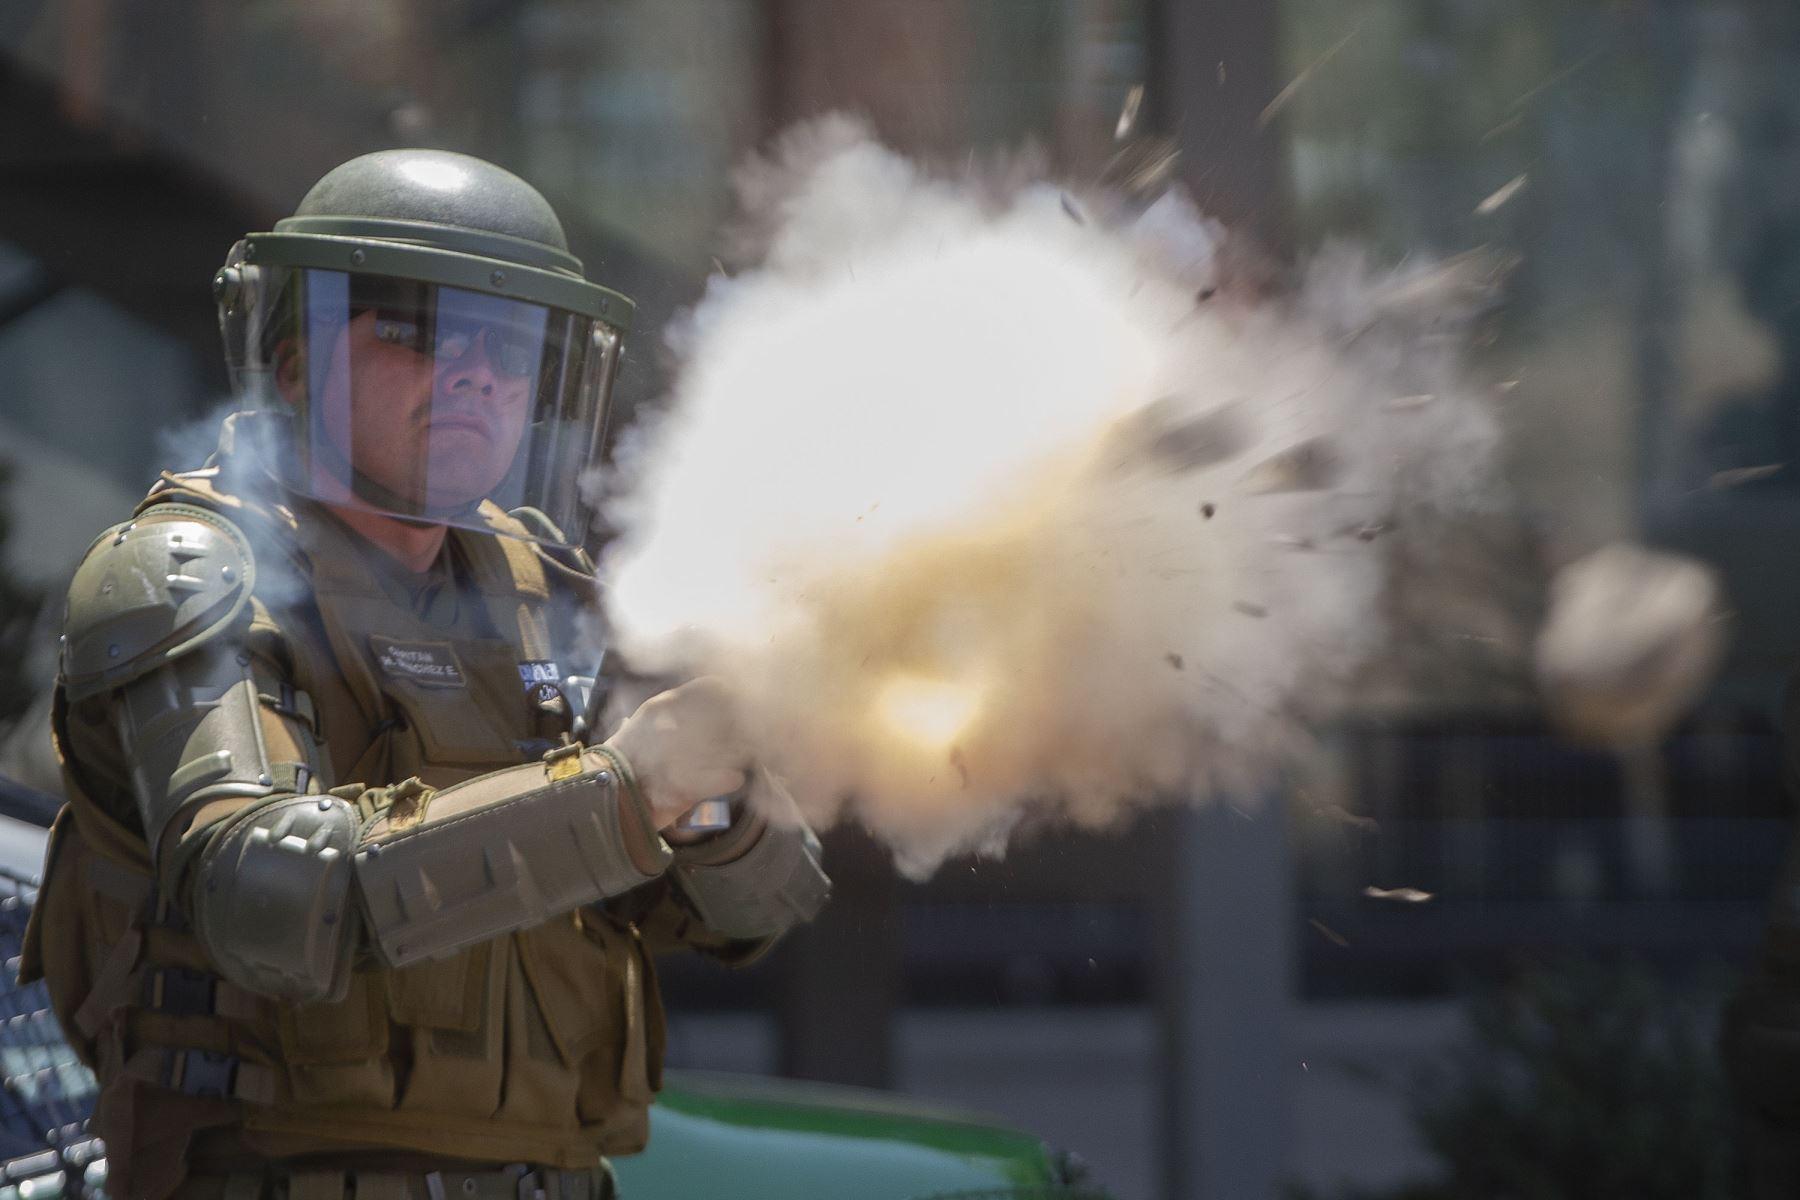 Un oficial de la policía antidisturbios lanza gases lacrimógenos para dispersar a los manifestantes durante una protesta contra las políticas económicas del gobierno, cerca del Centro Costanera. Foto: AFP